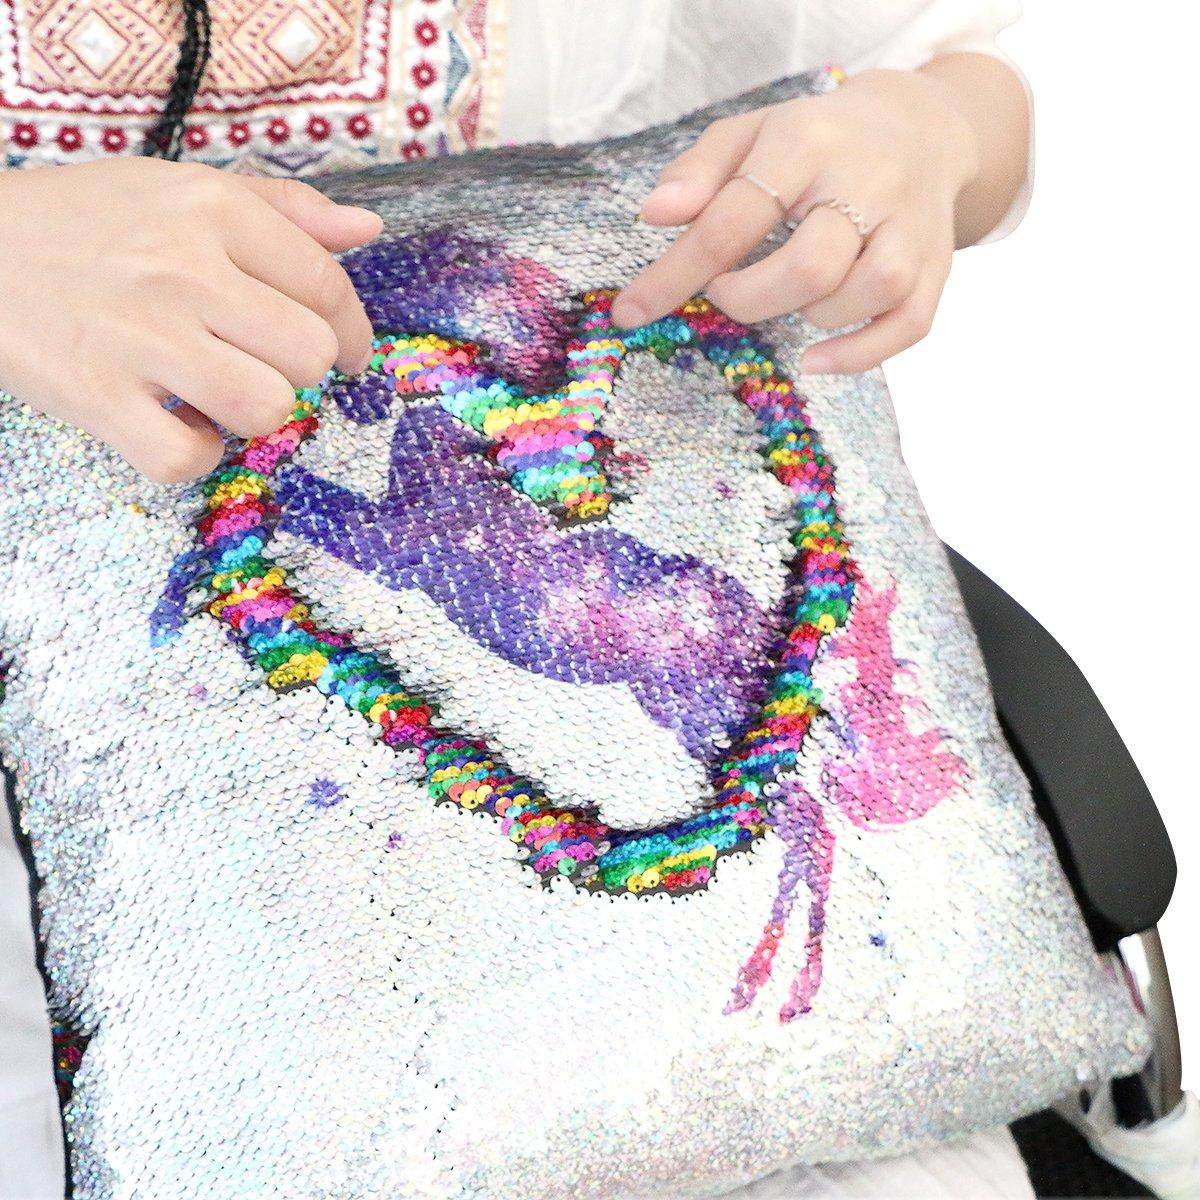 Cojín Mágico Almohada Decorativa, X-go Lentejuela Pillow Glitter Almohada unicornio Dos Colores Reversible Cojín Decorativo 40x40cm (unicornio/ ...